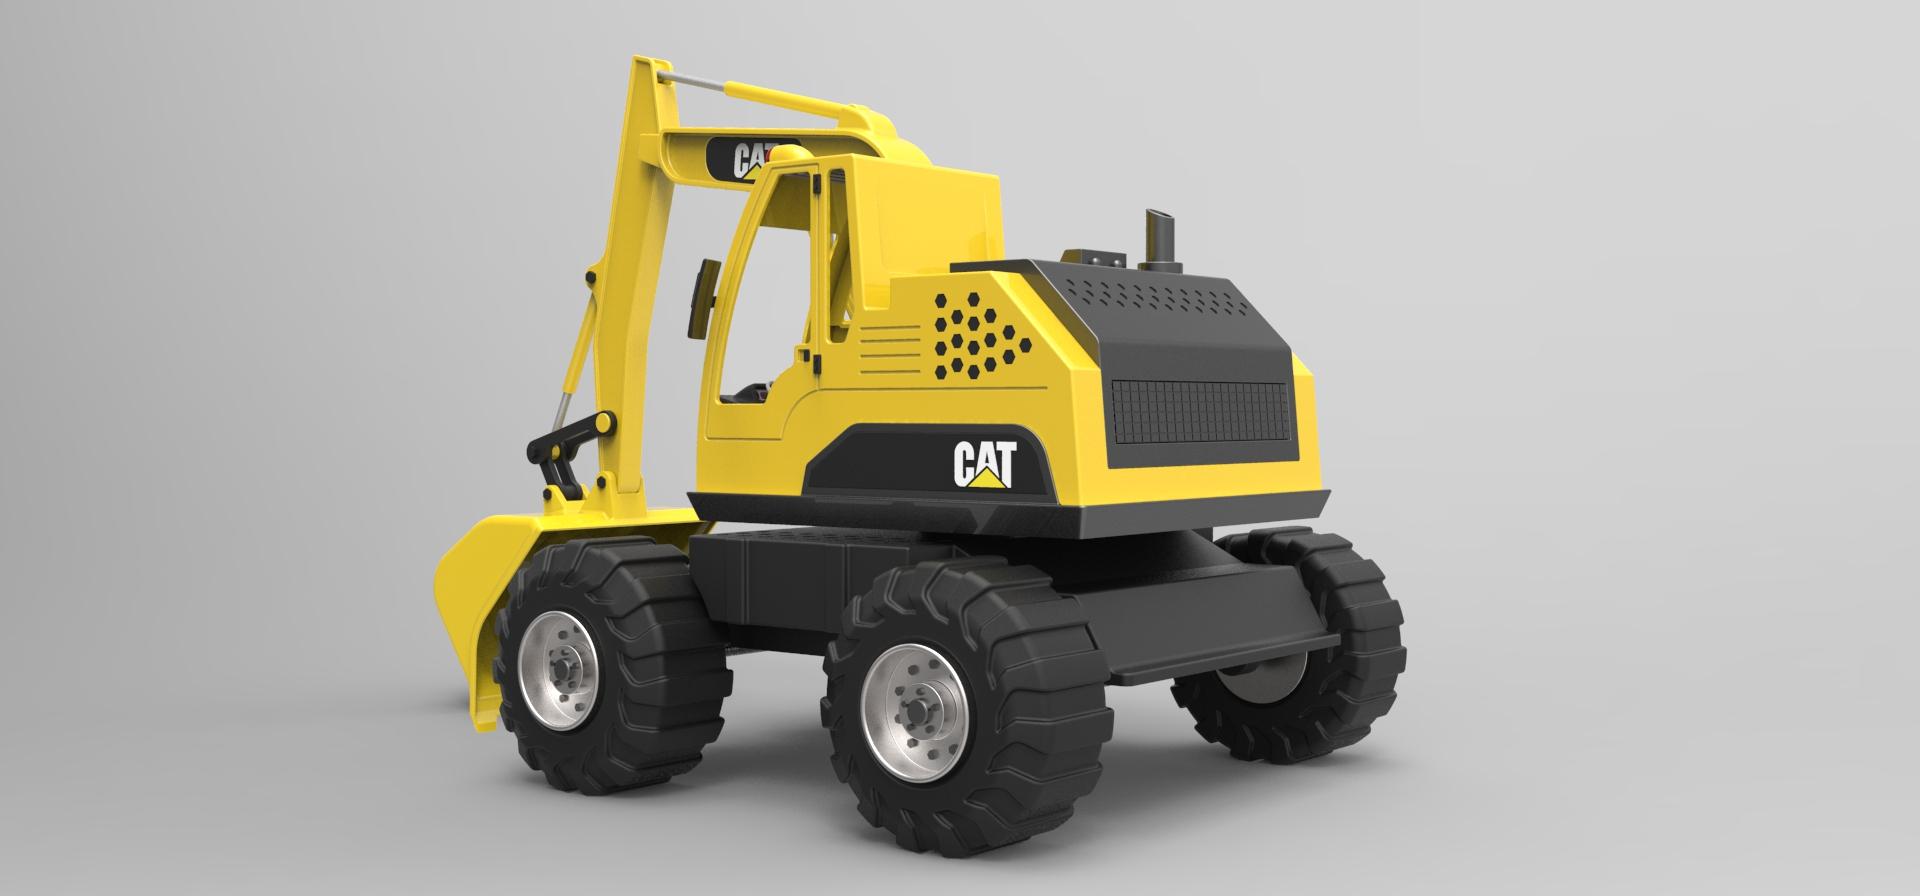 BAGER玩具挖掘机模型3D图纸 CATIA设计 附STP